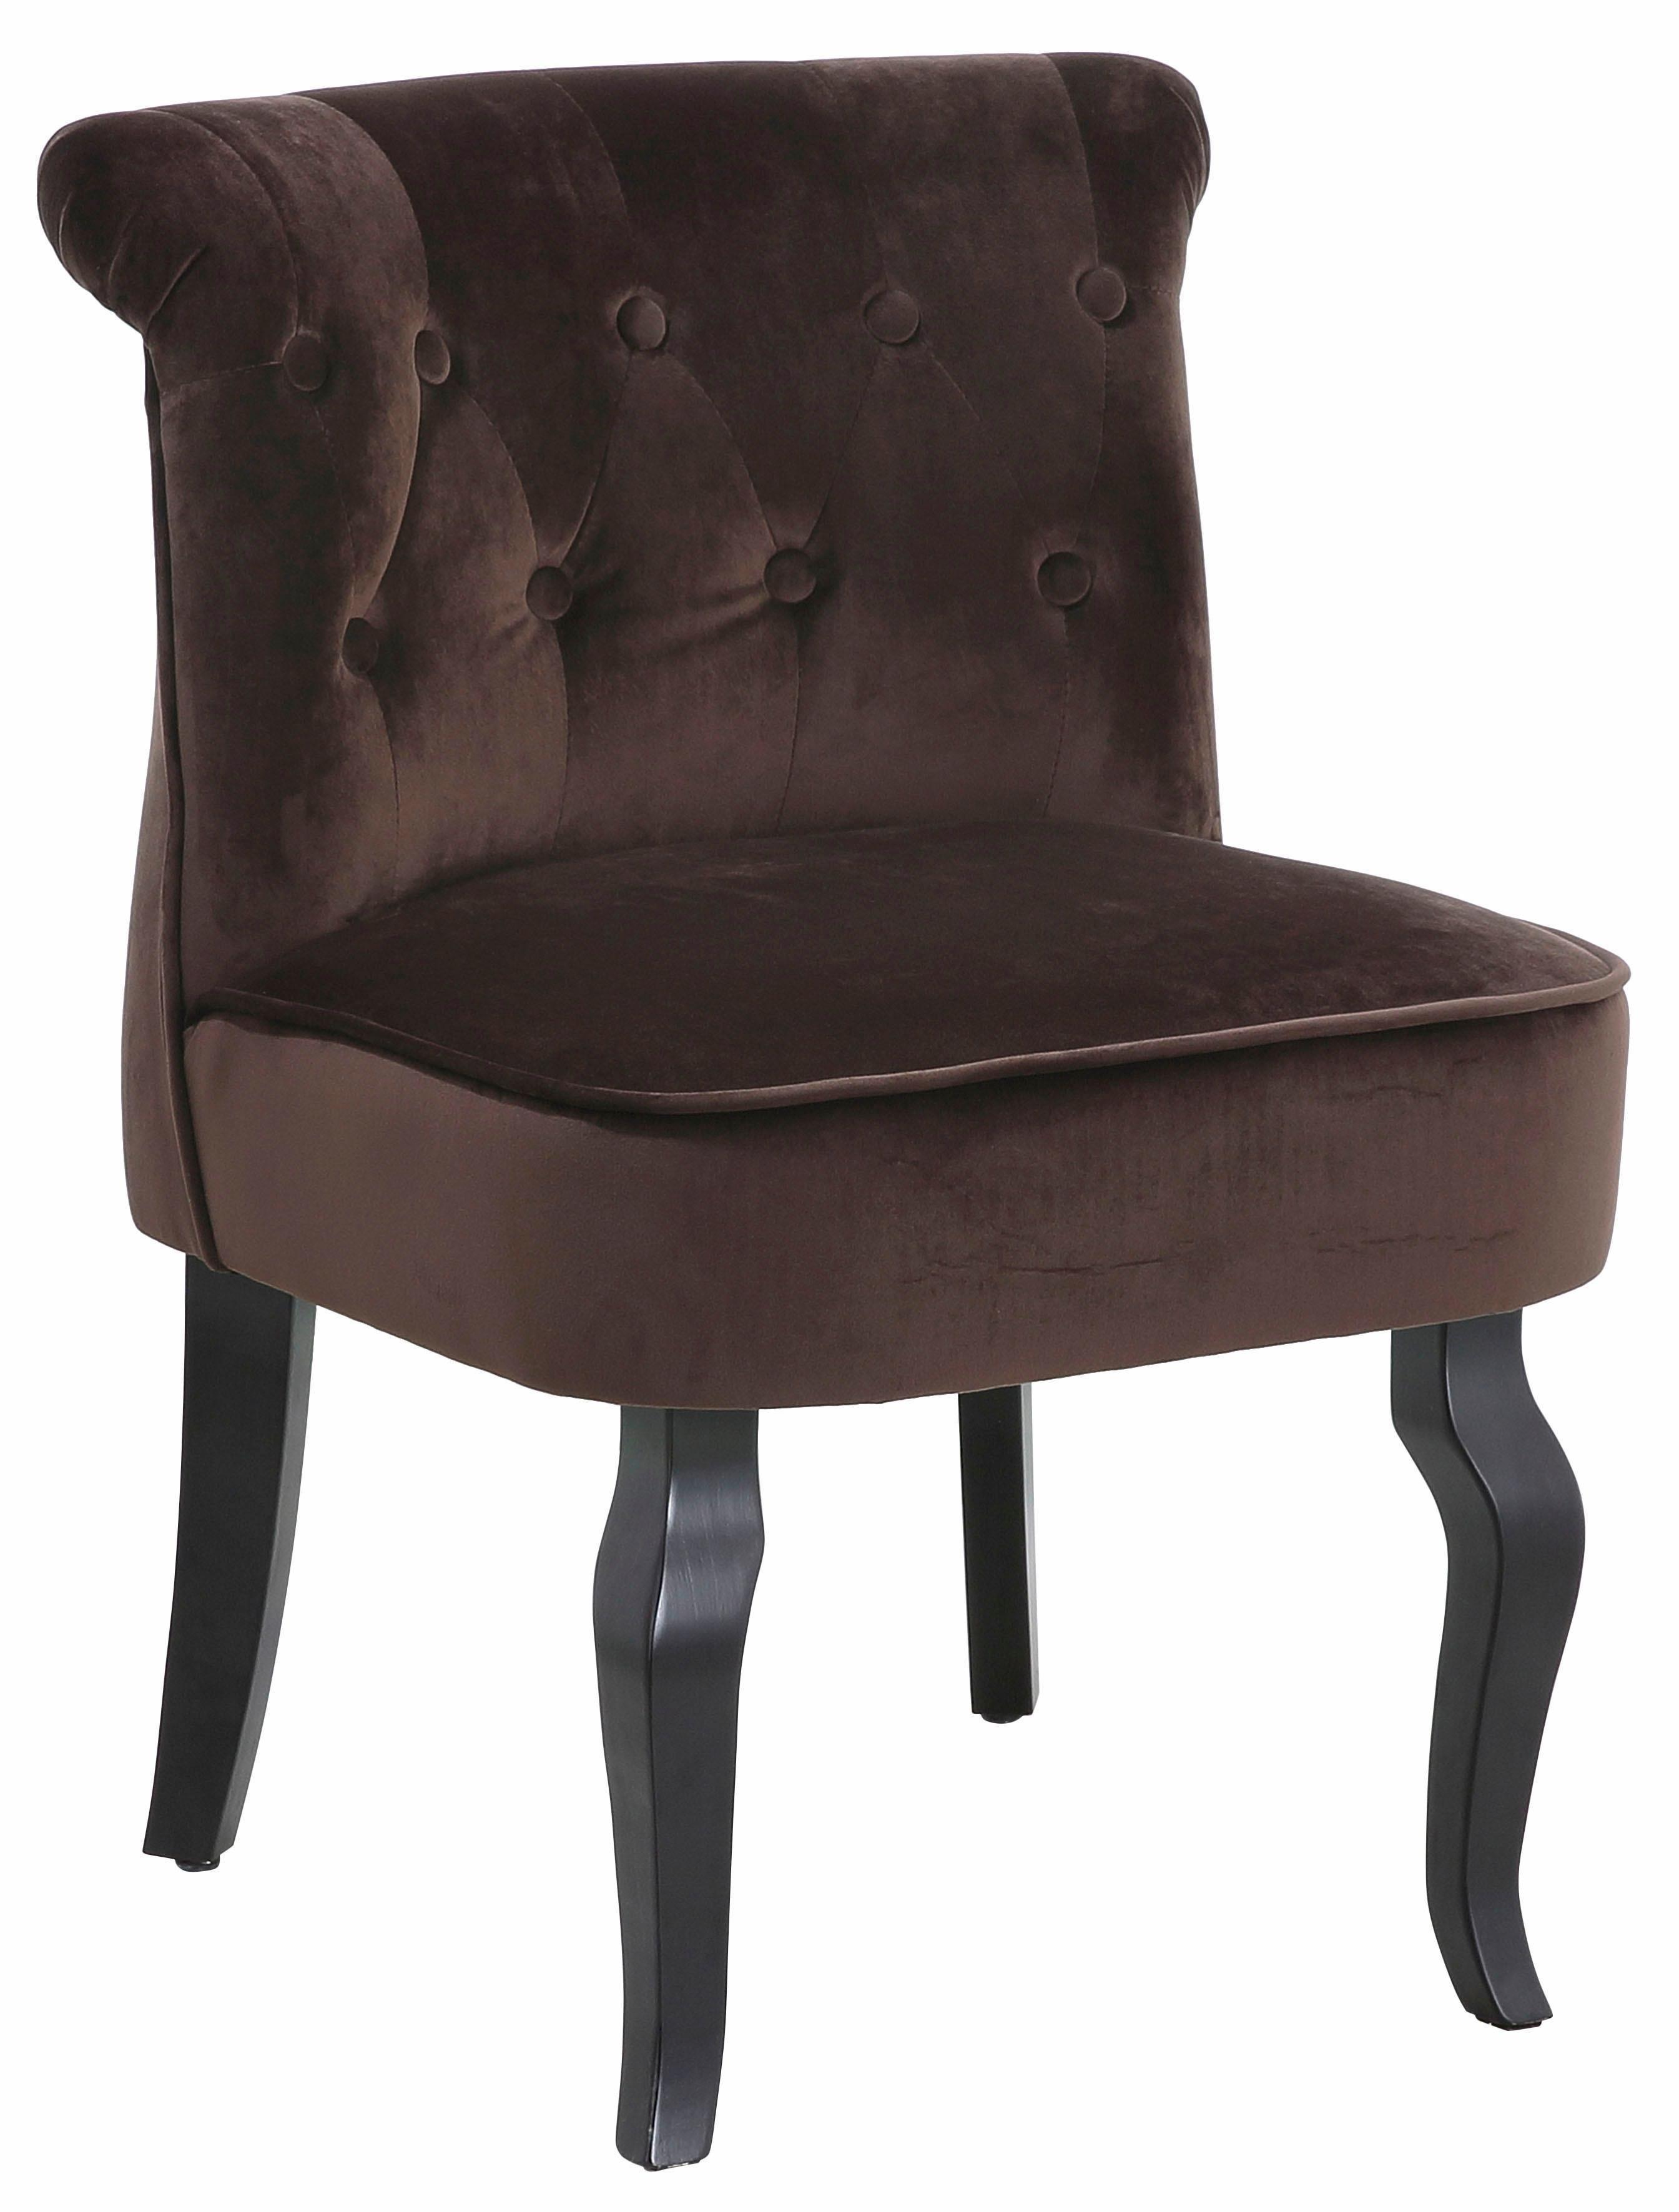 Home Affaire fauteuil »Beatrix« met capitonnage achter en opstaande naad veilig op otto.nl kopen